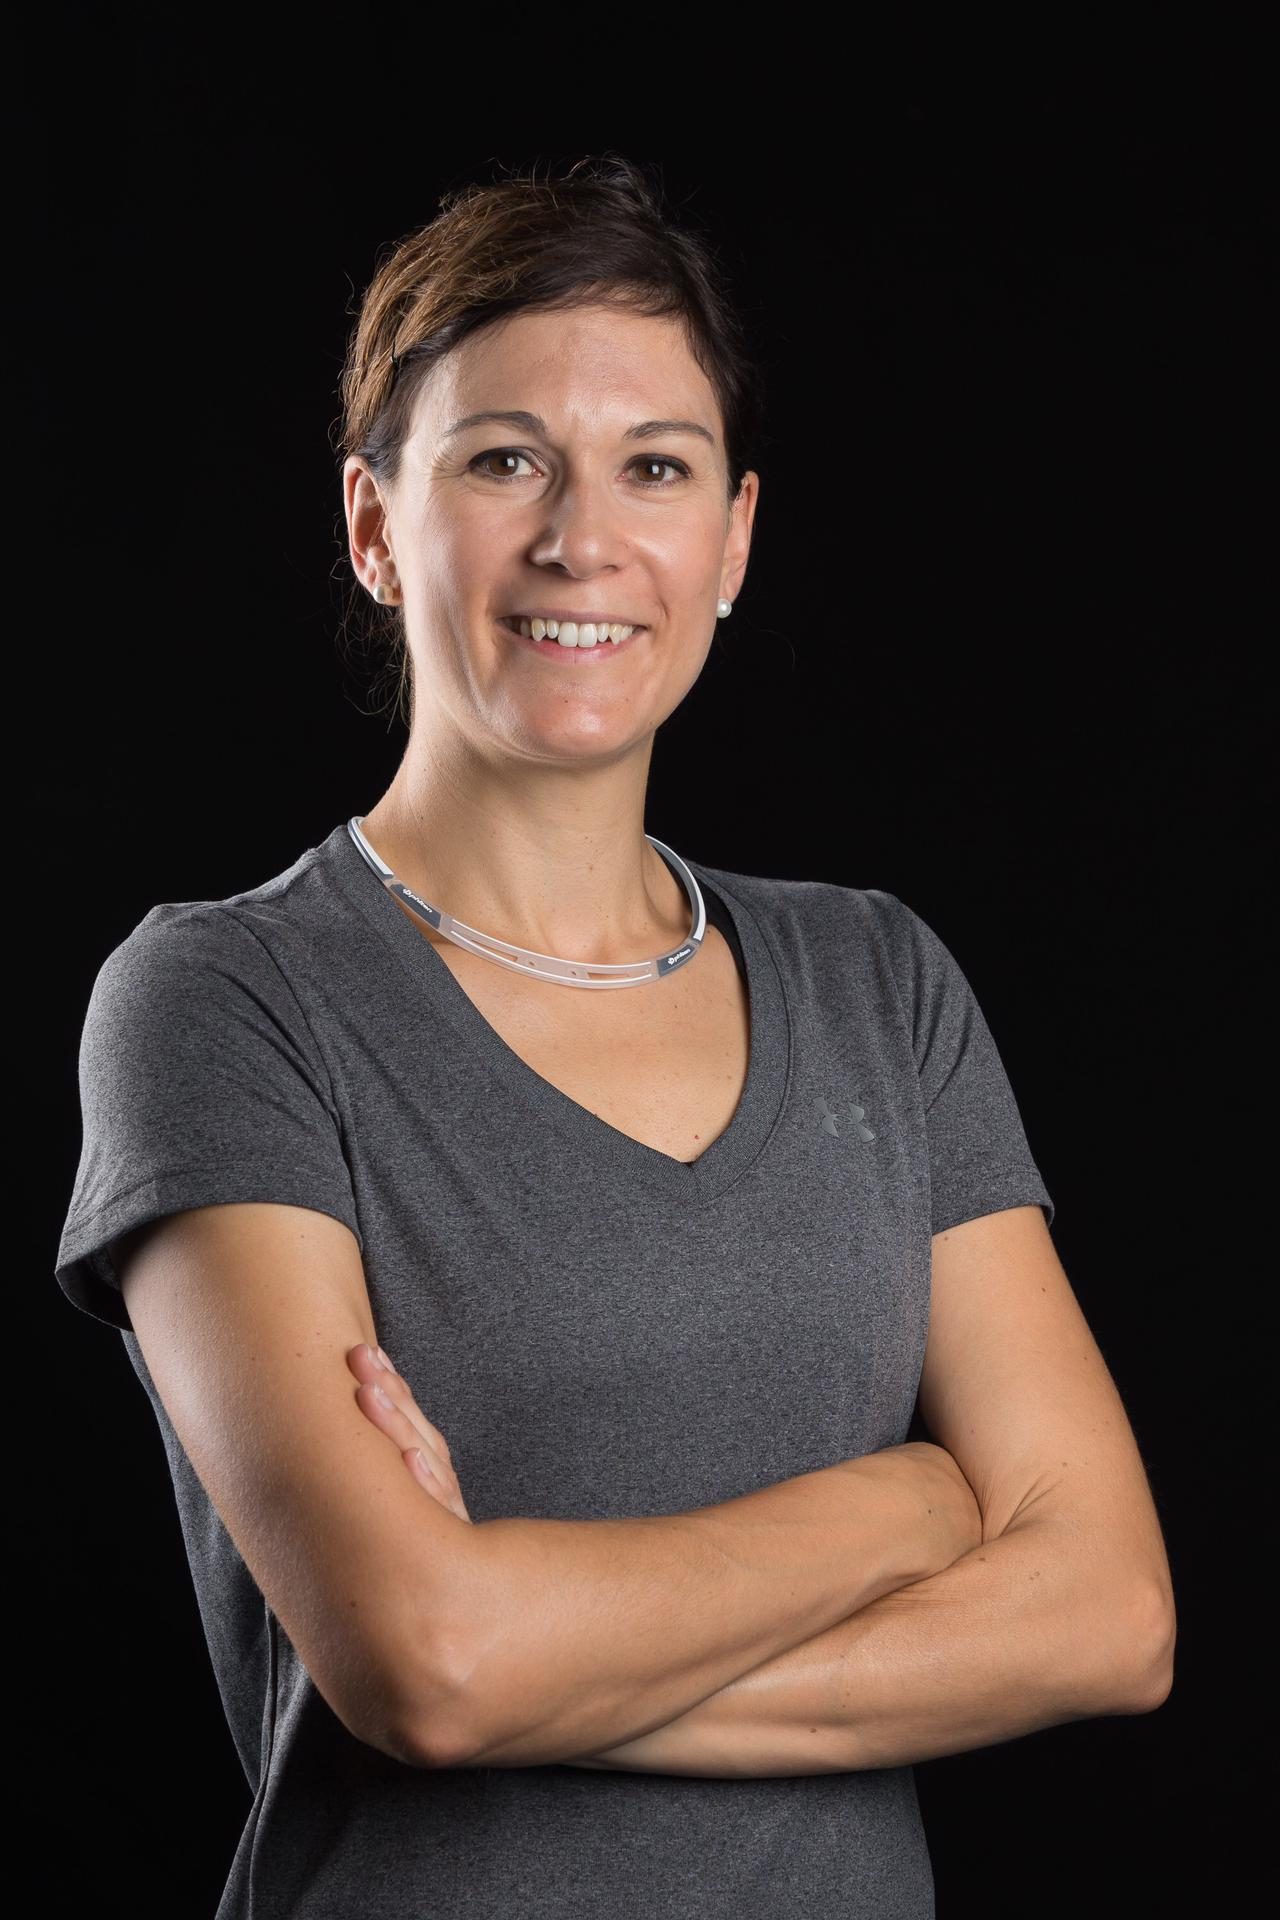 Daniela Peter-Hauser